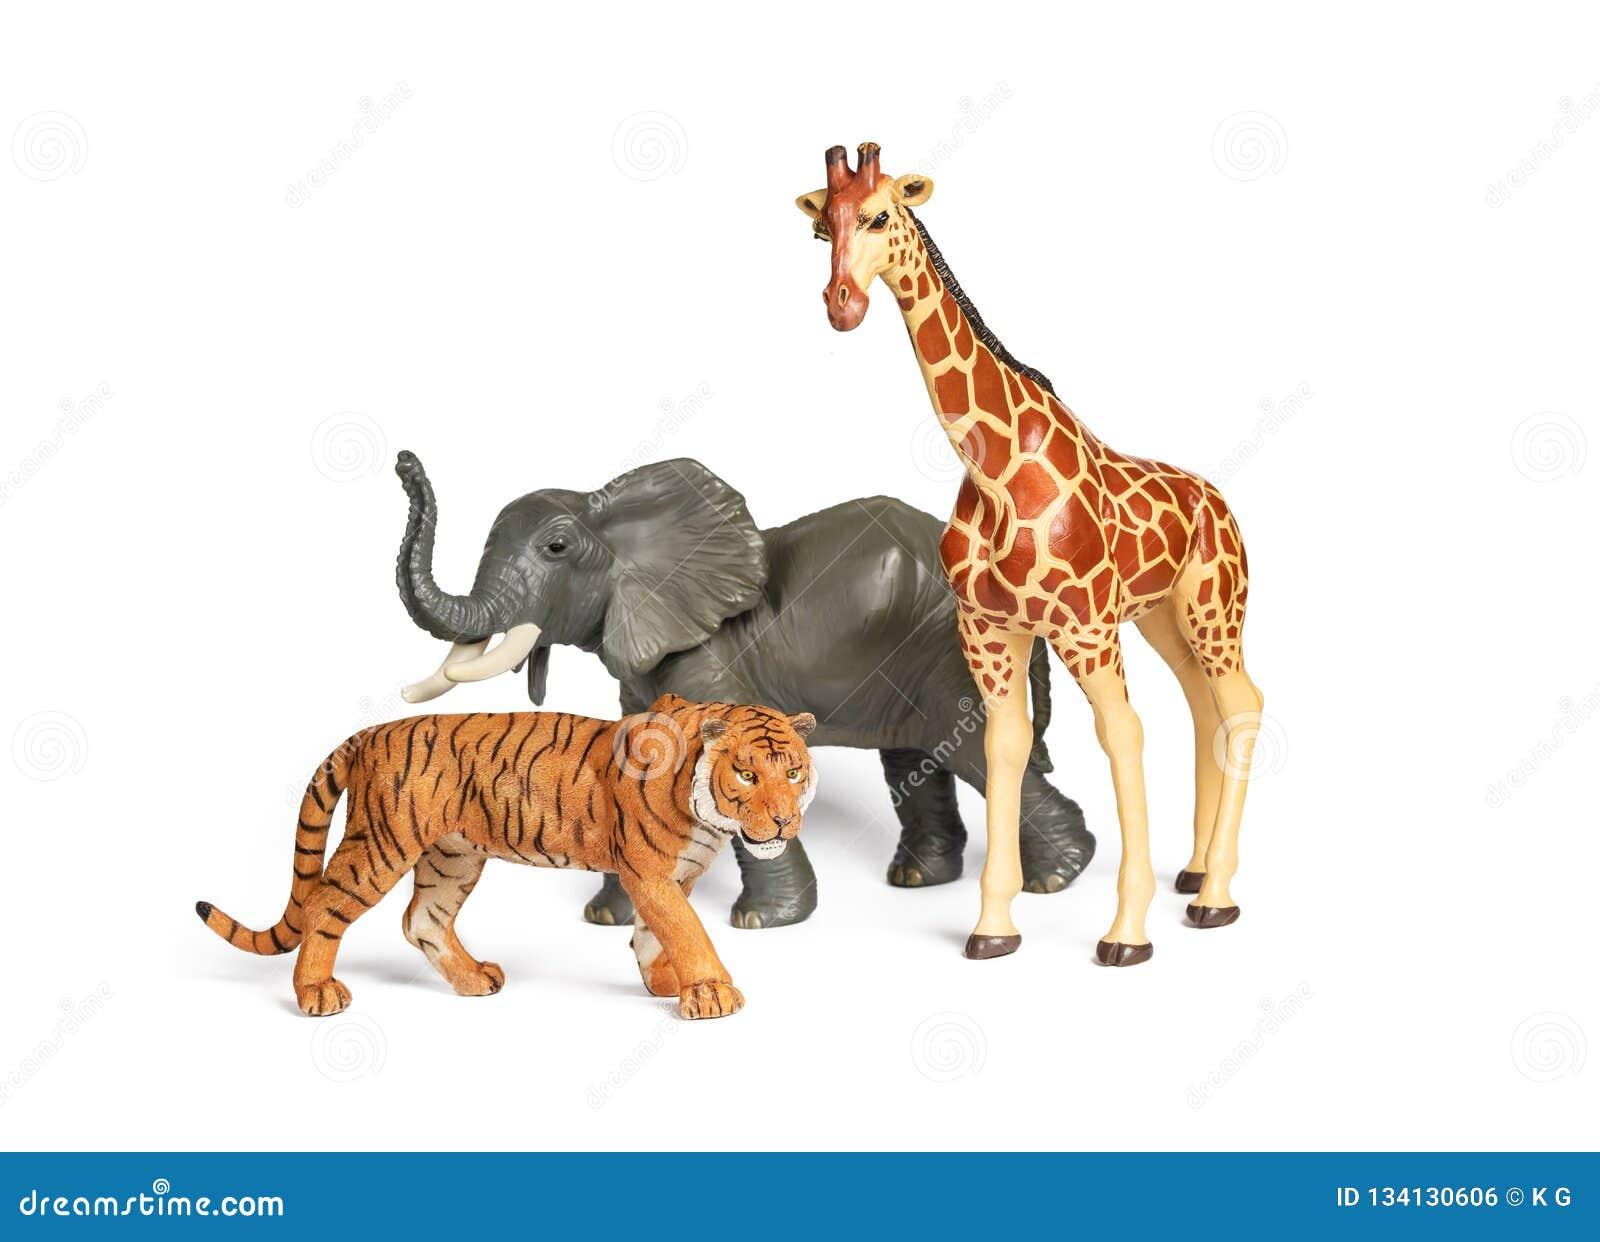 Animaux En Plastique Jouet jouets animaux d'africain sauvage de plastique d'isolement